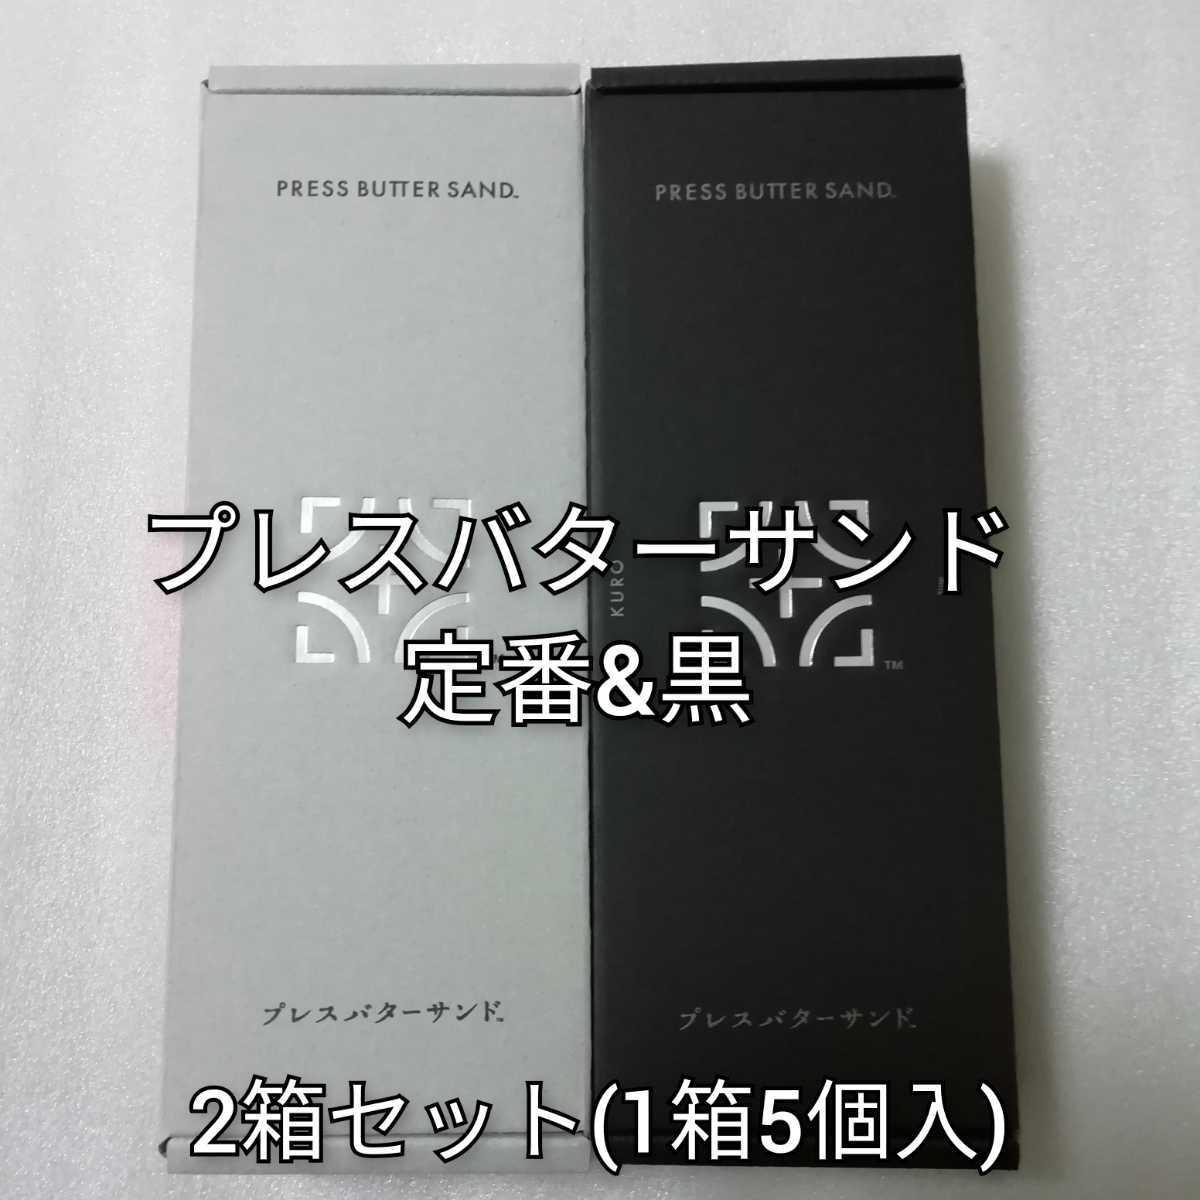 プレスバターサンド 2箱セット 黒 お菓子 詰め合わせ_画像1